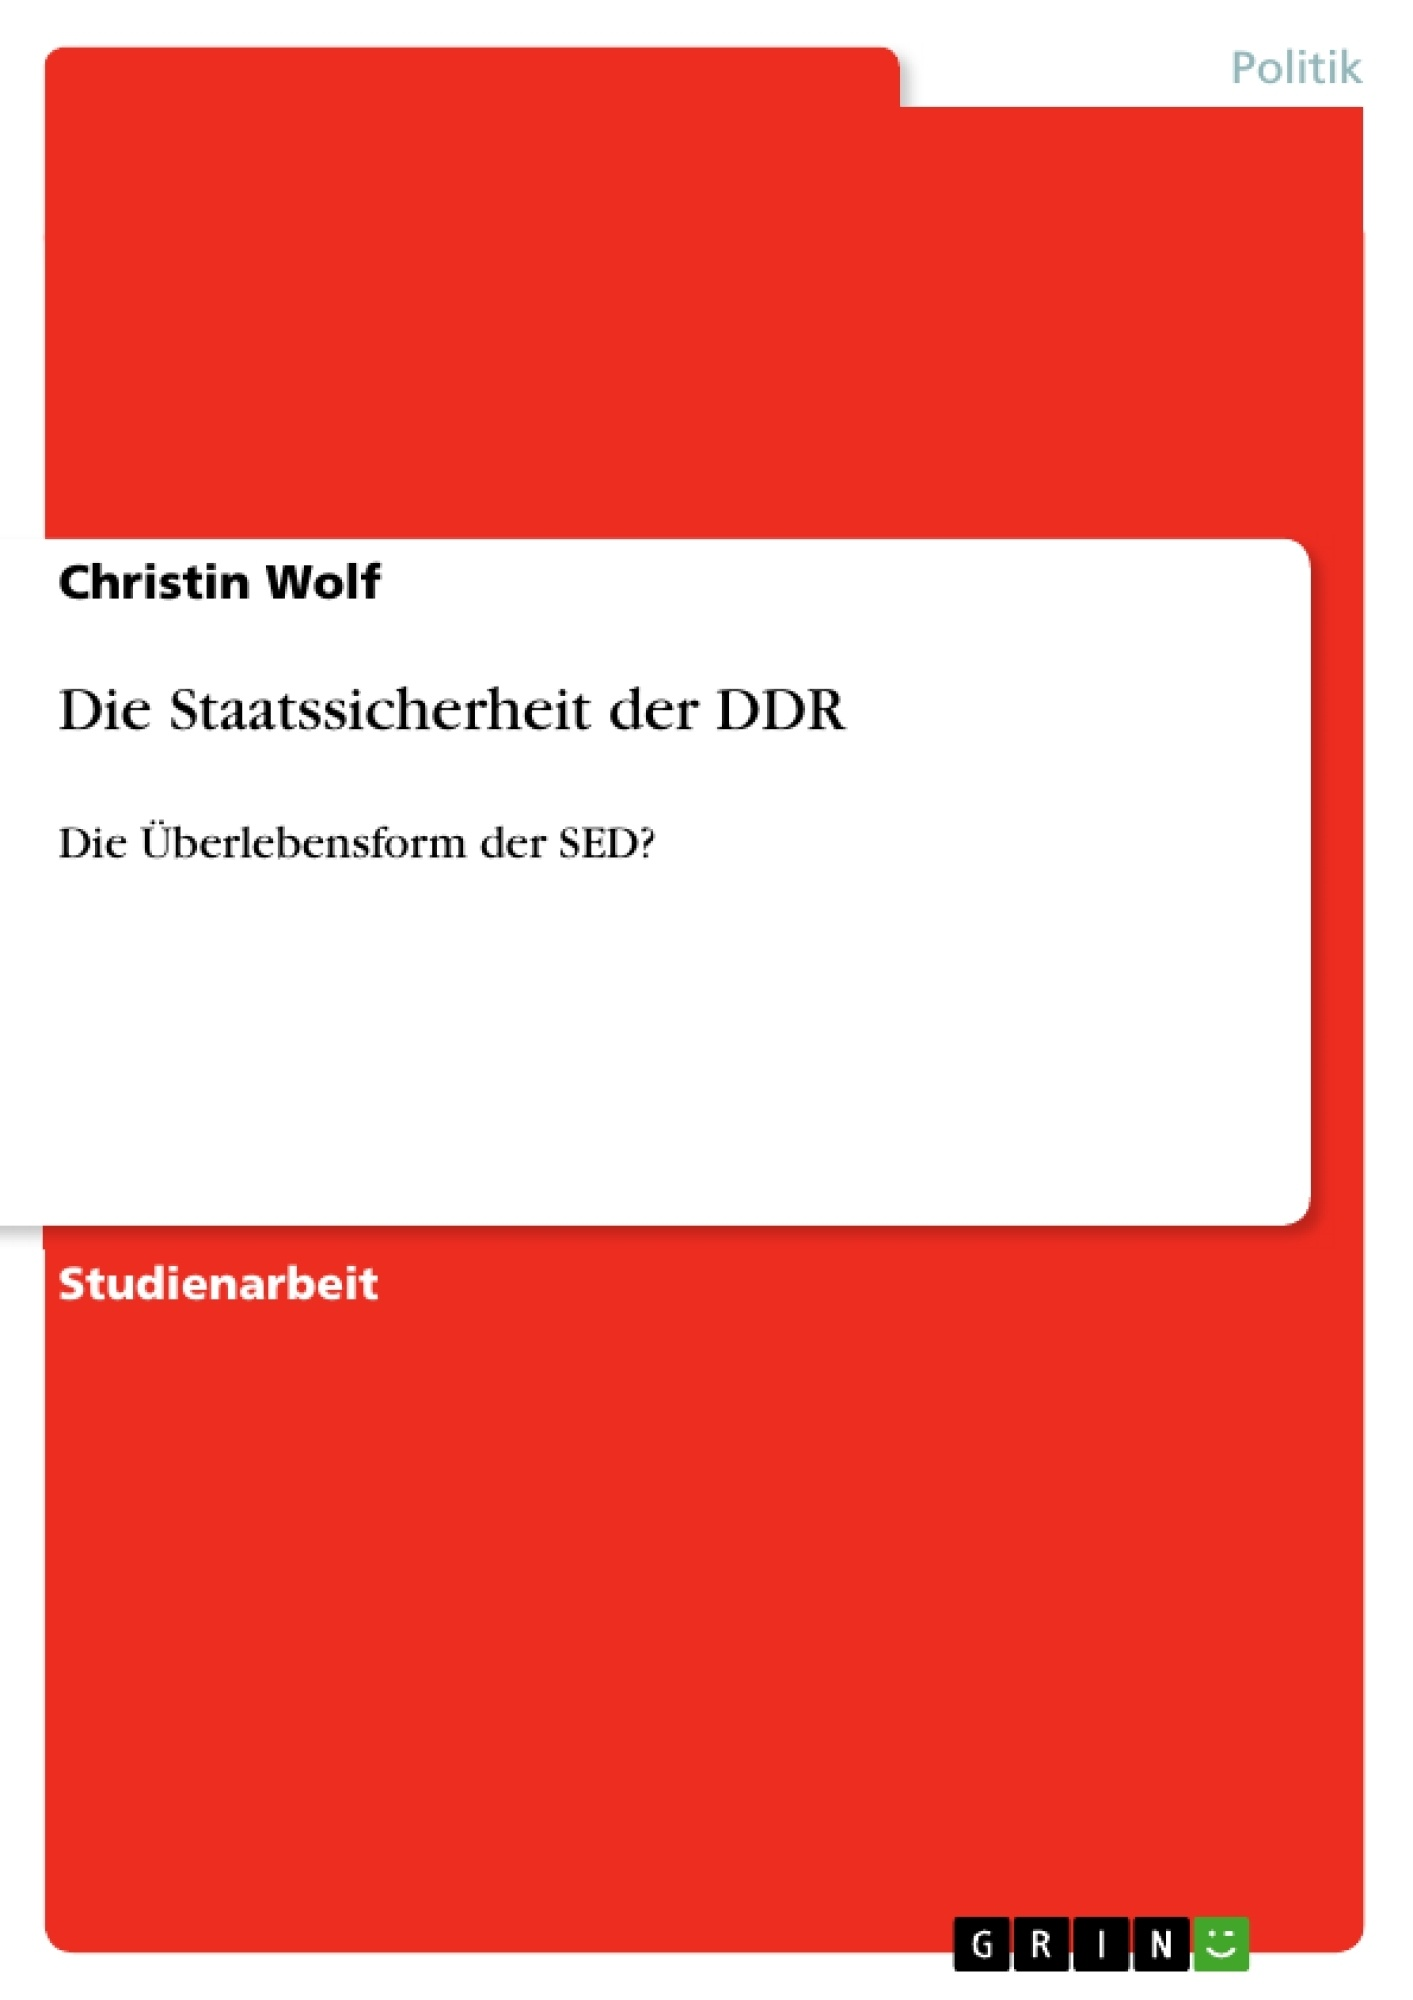 Titel: Die Staatssicherheit der DDR